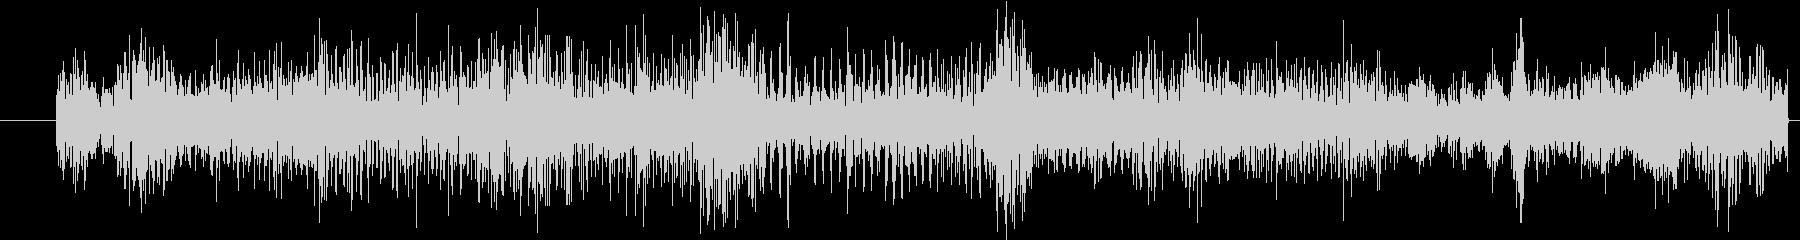 イメージ ボーカルグリッチ01の未再生の波形